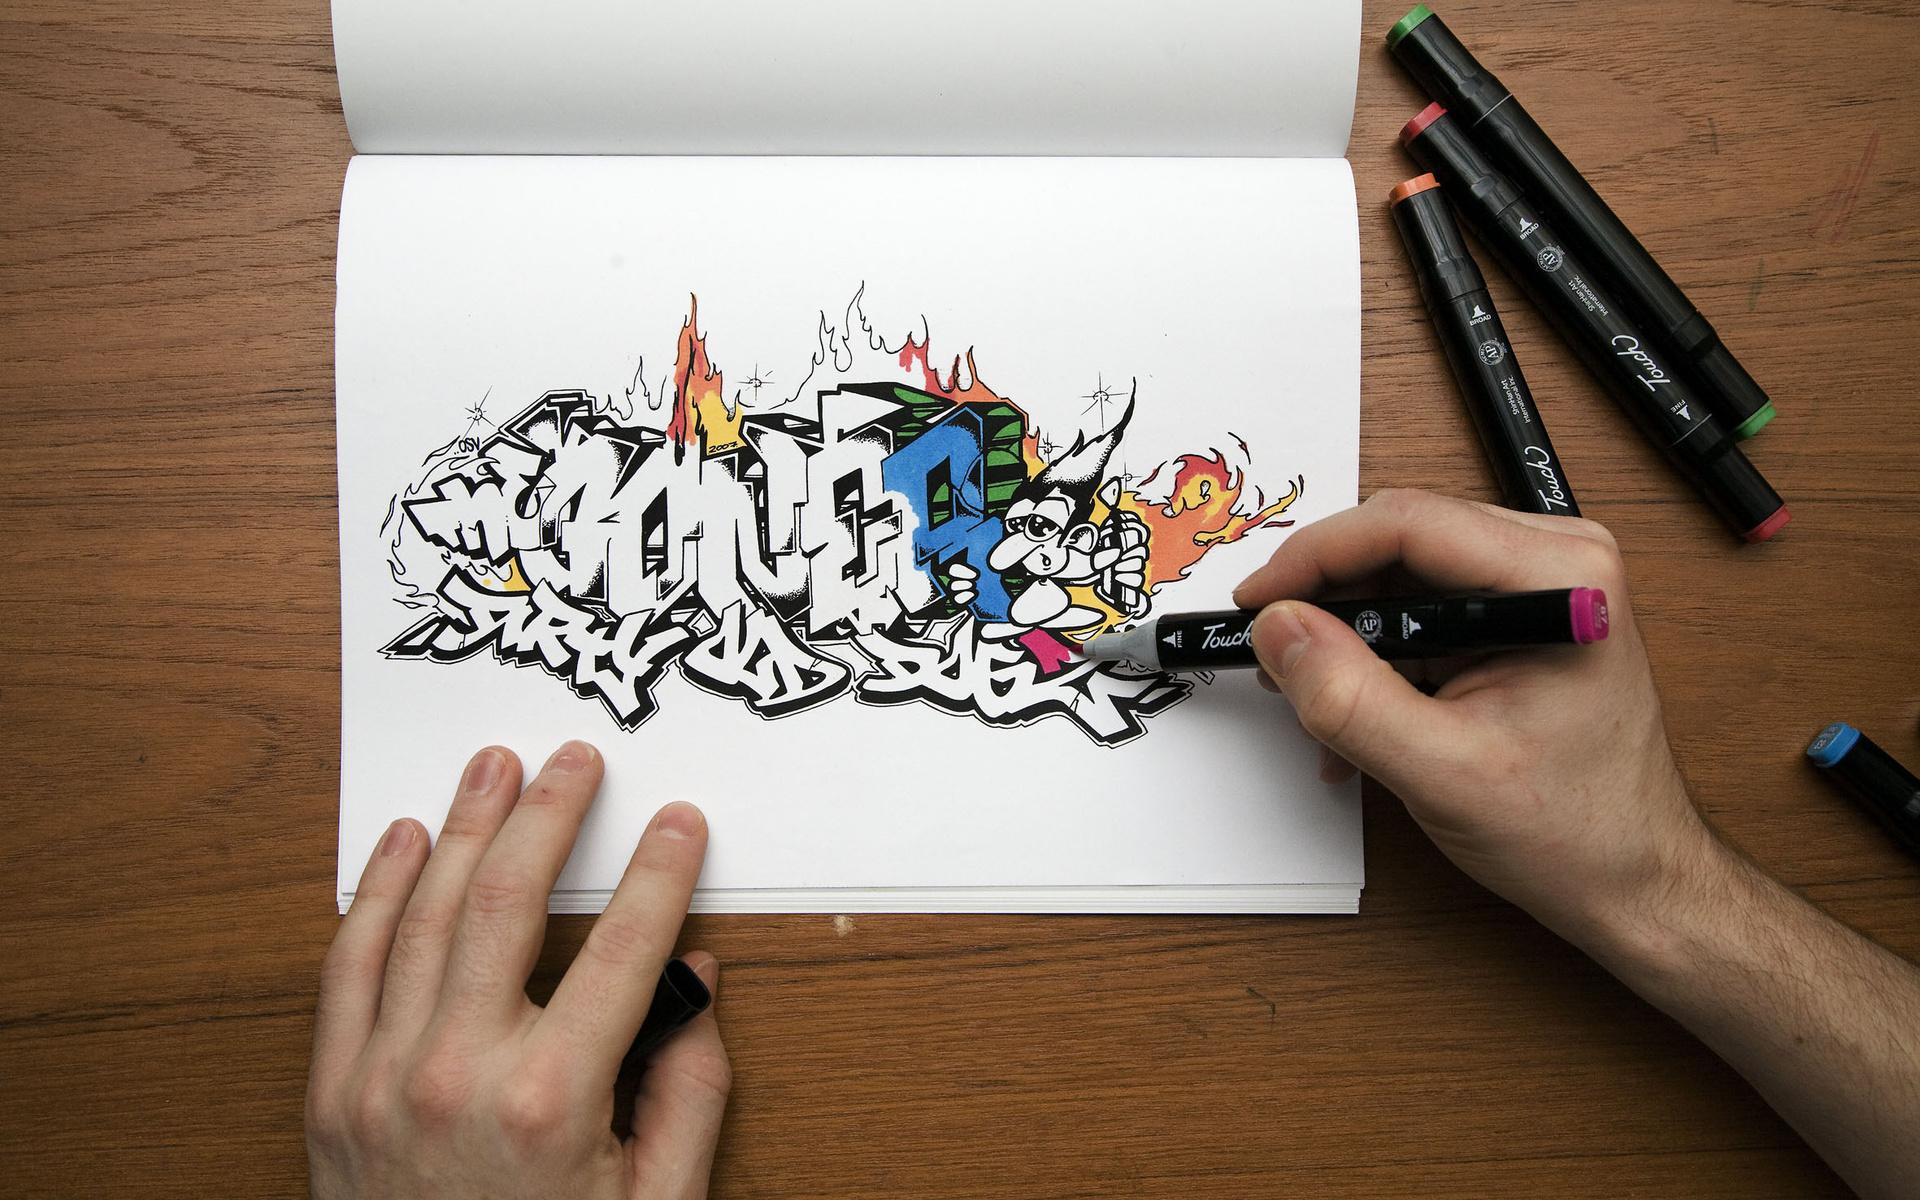 крутые рисунки на компе